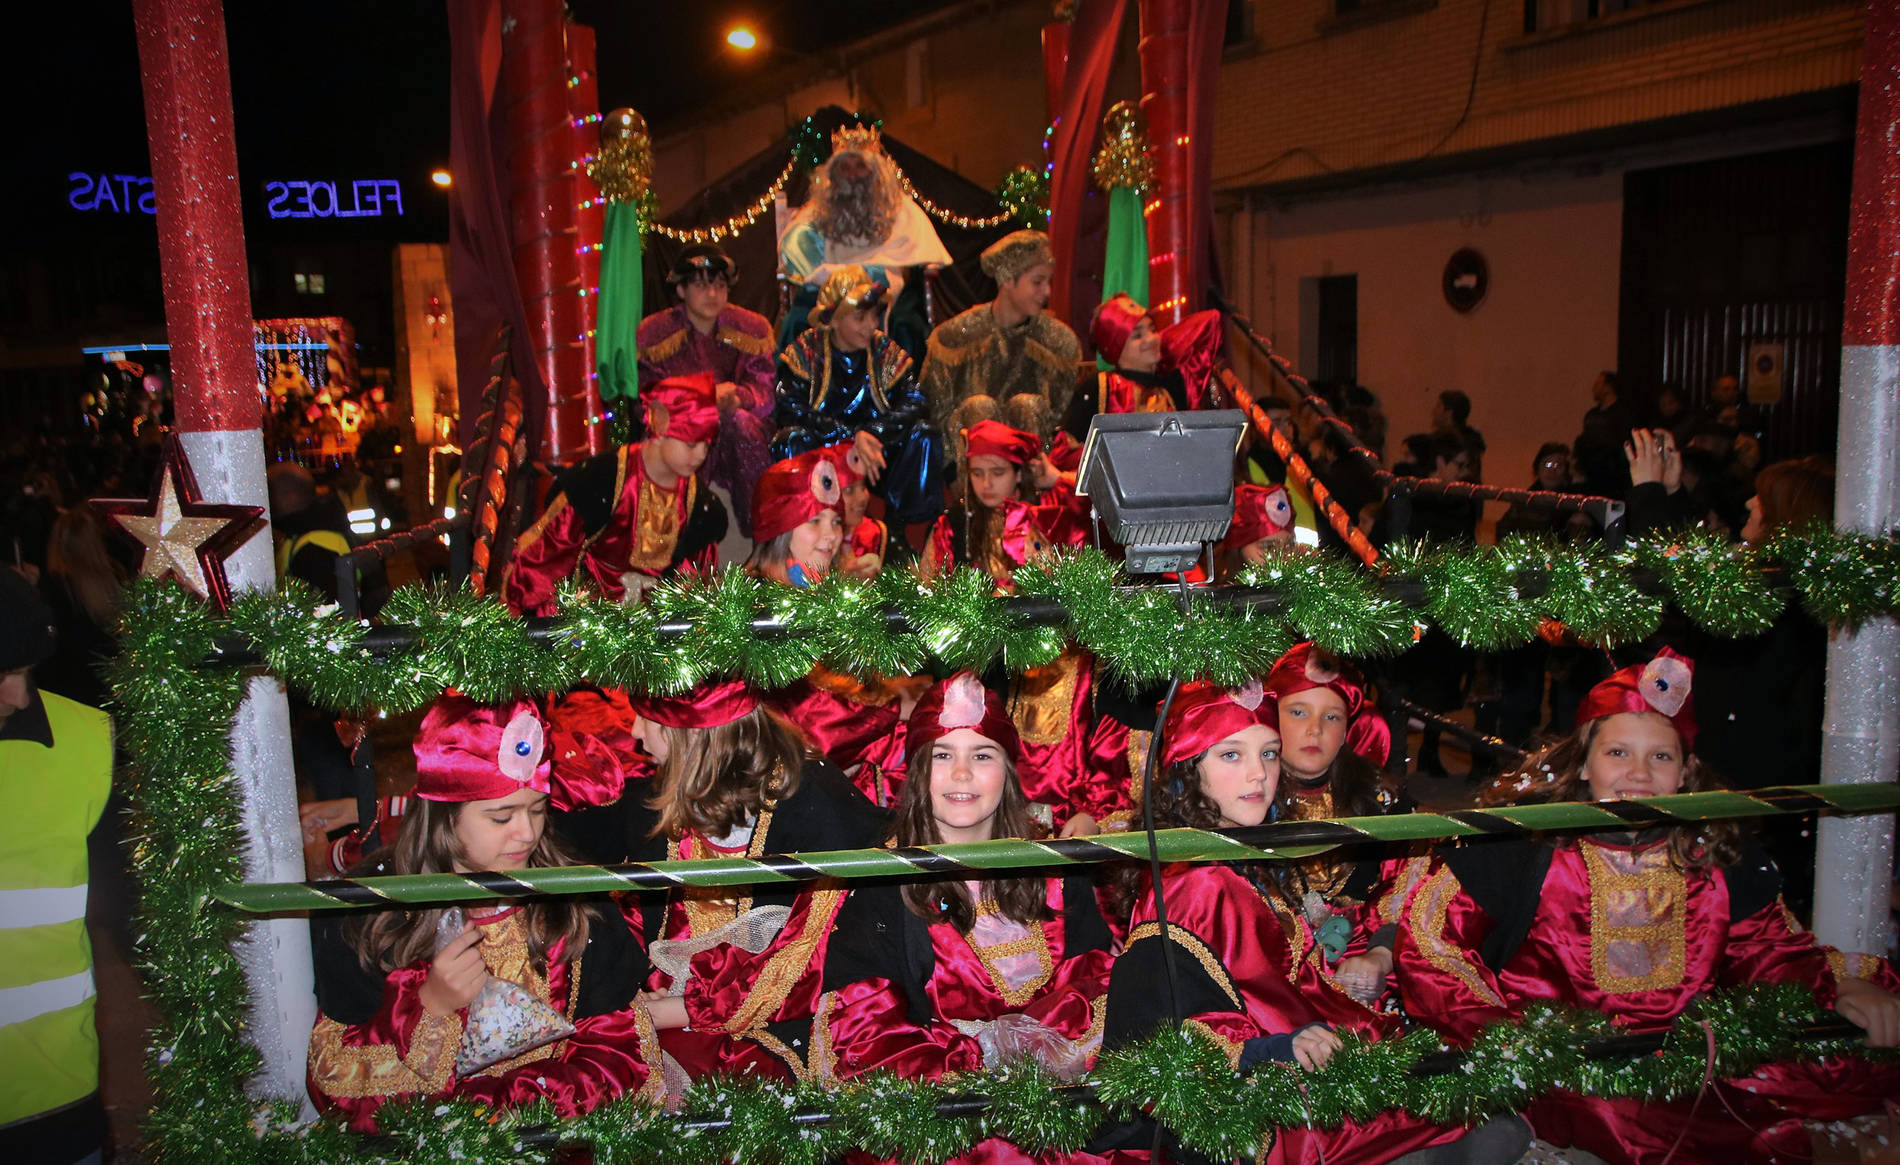 Cabalgatas de los Reyes Magos en la Ribera 2018 (1/50) - Los Reyes Magos llenaron de ilusión las calles de Navarra - Tudela y Ribera -